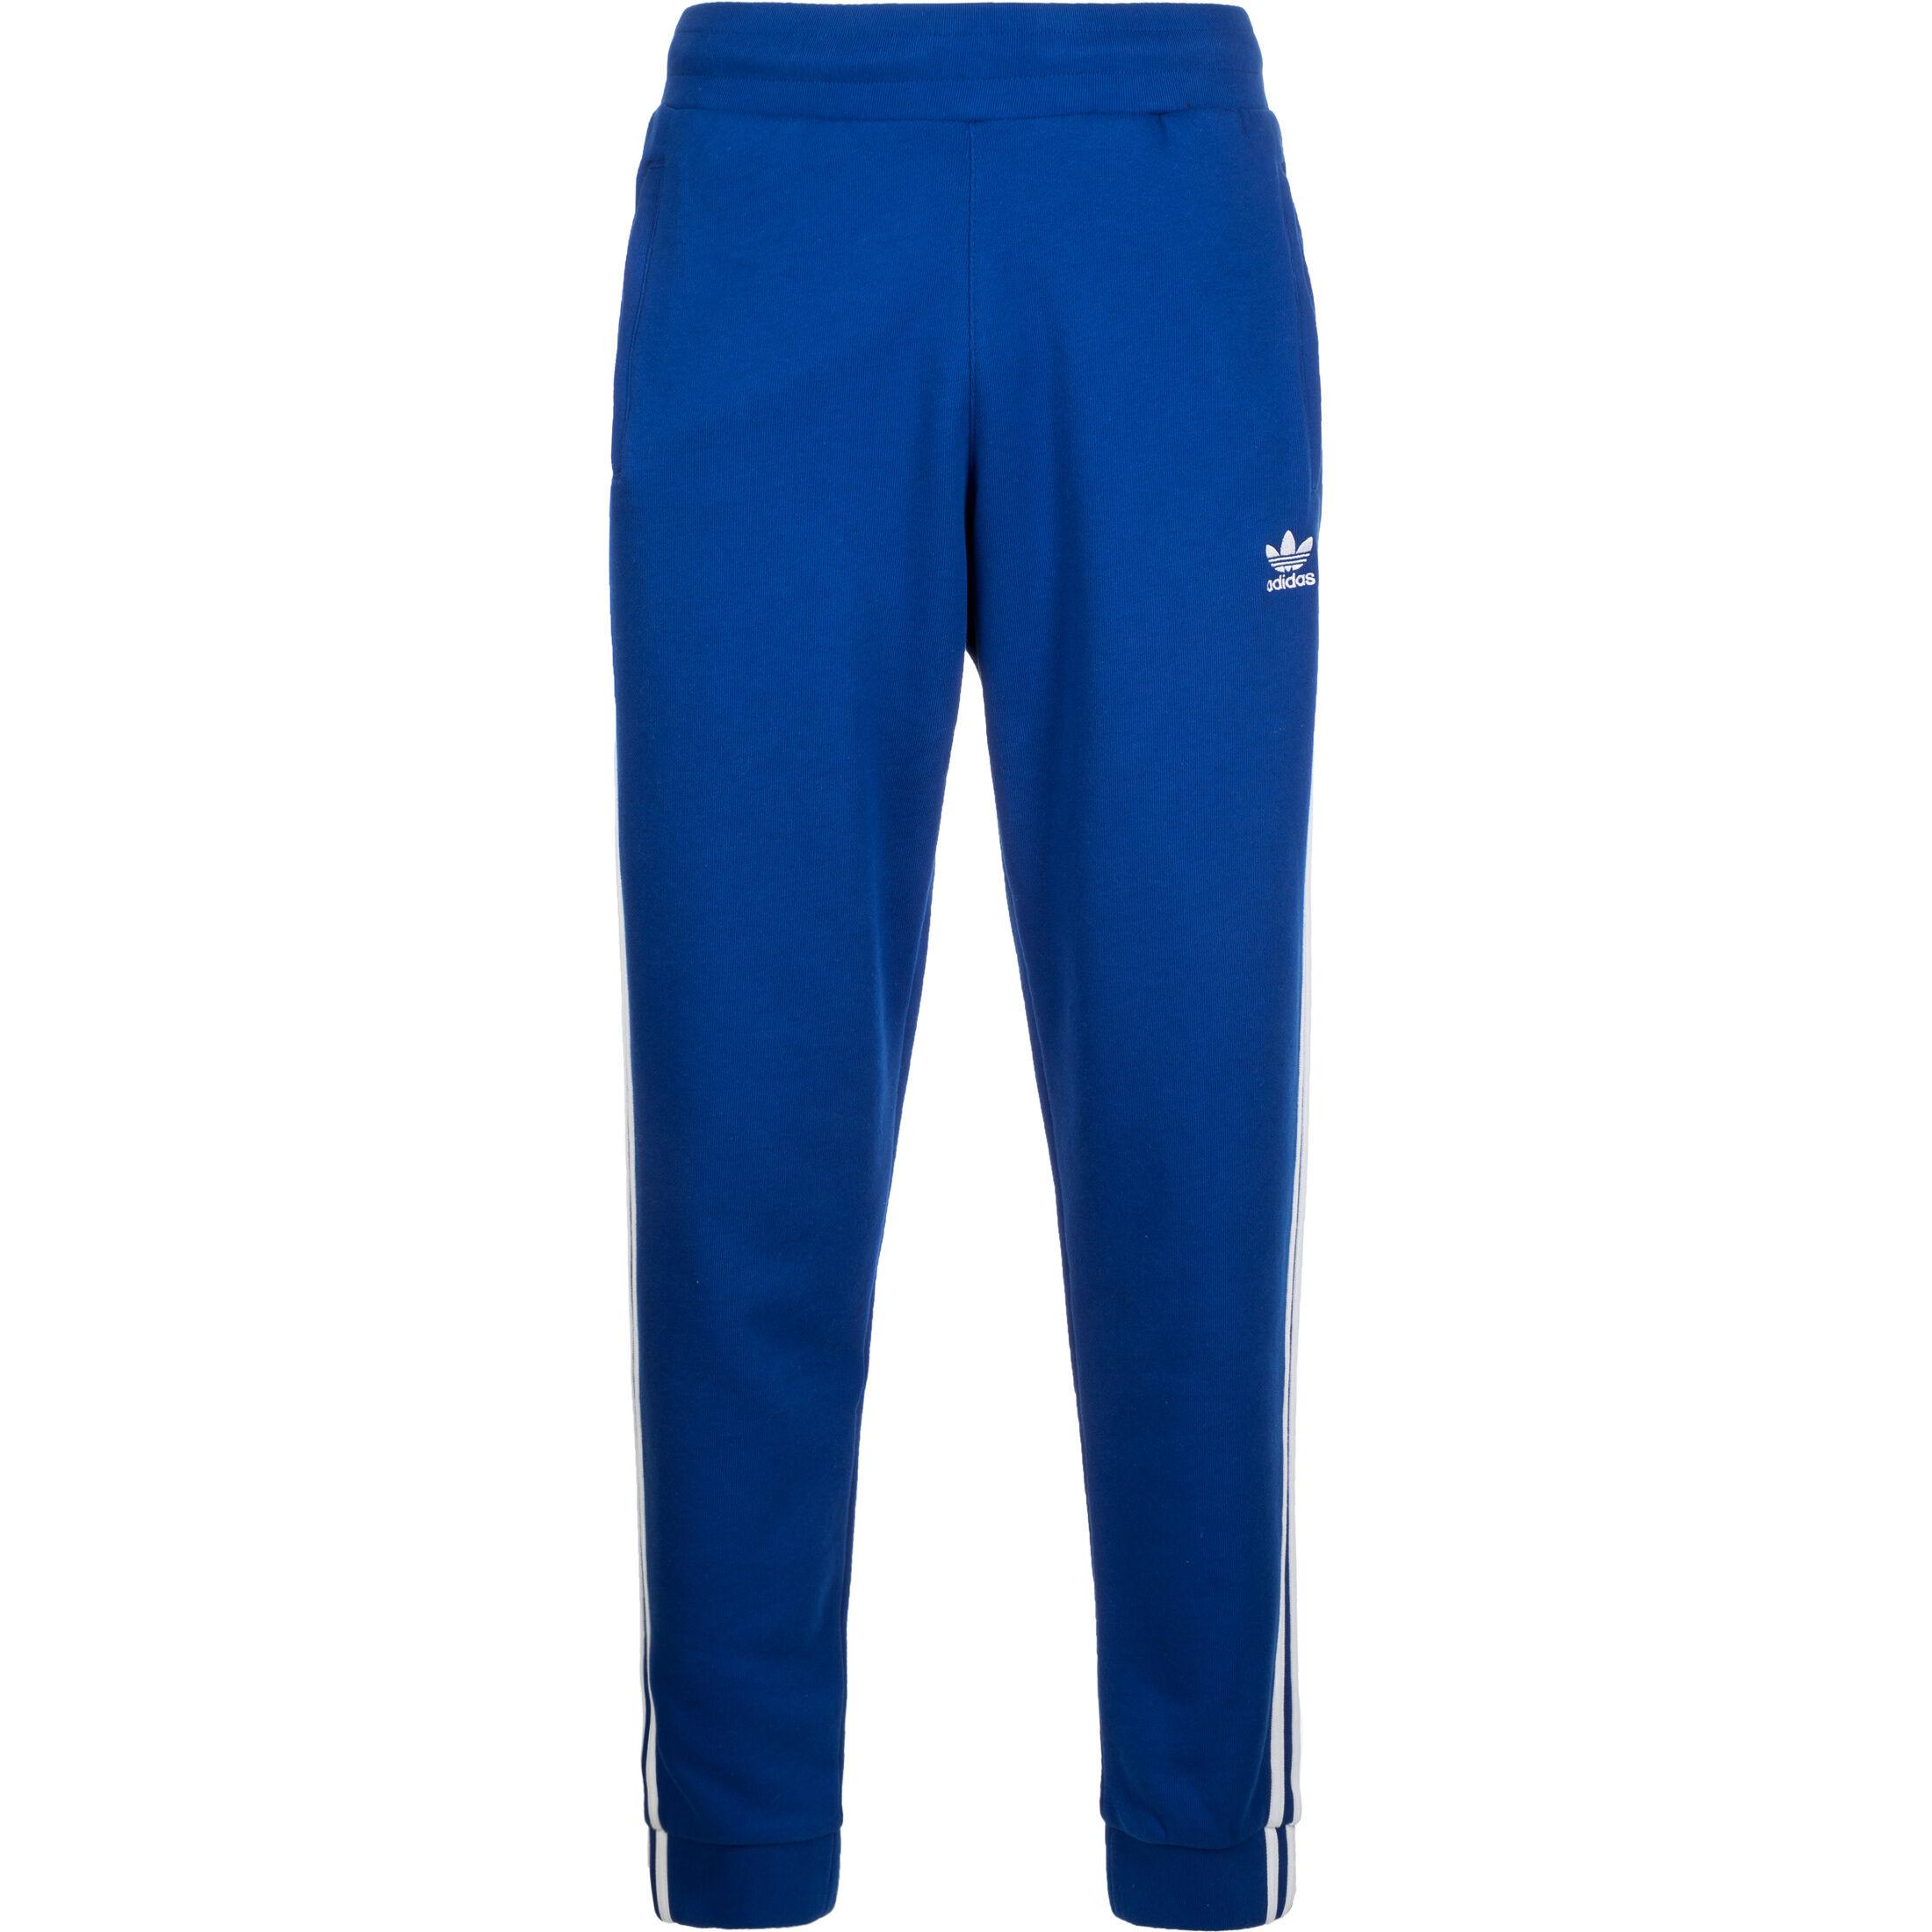 Bekleidung Originals Adidas Bei Lifestyle Männer Outfitter USTOrUwqd